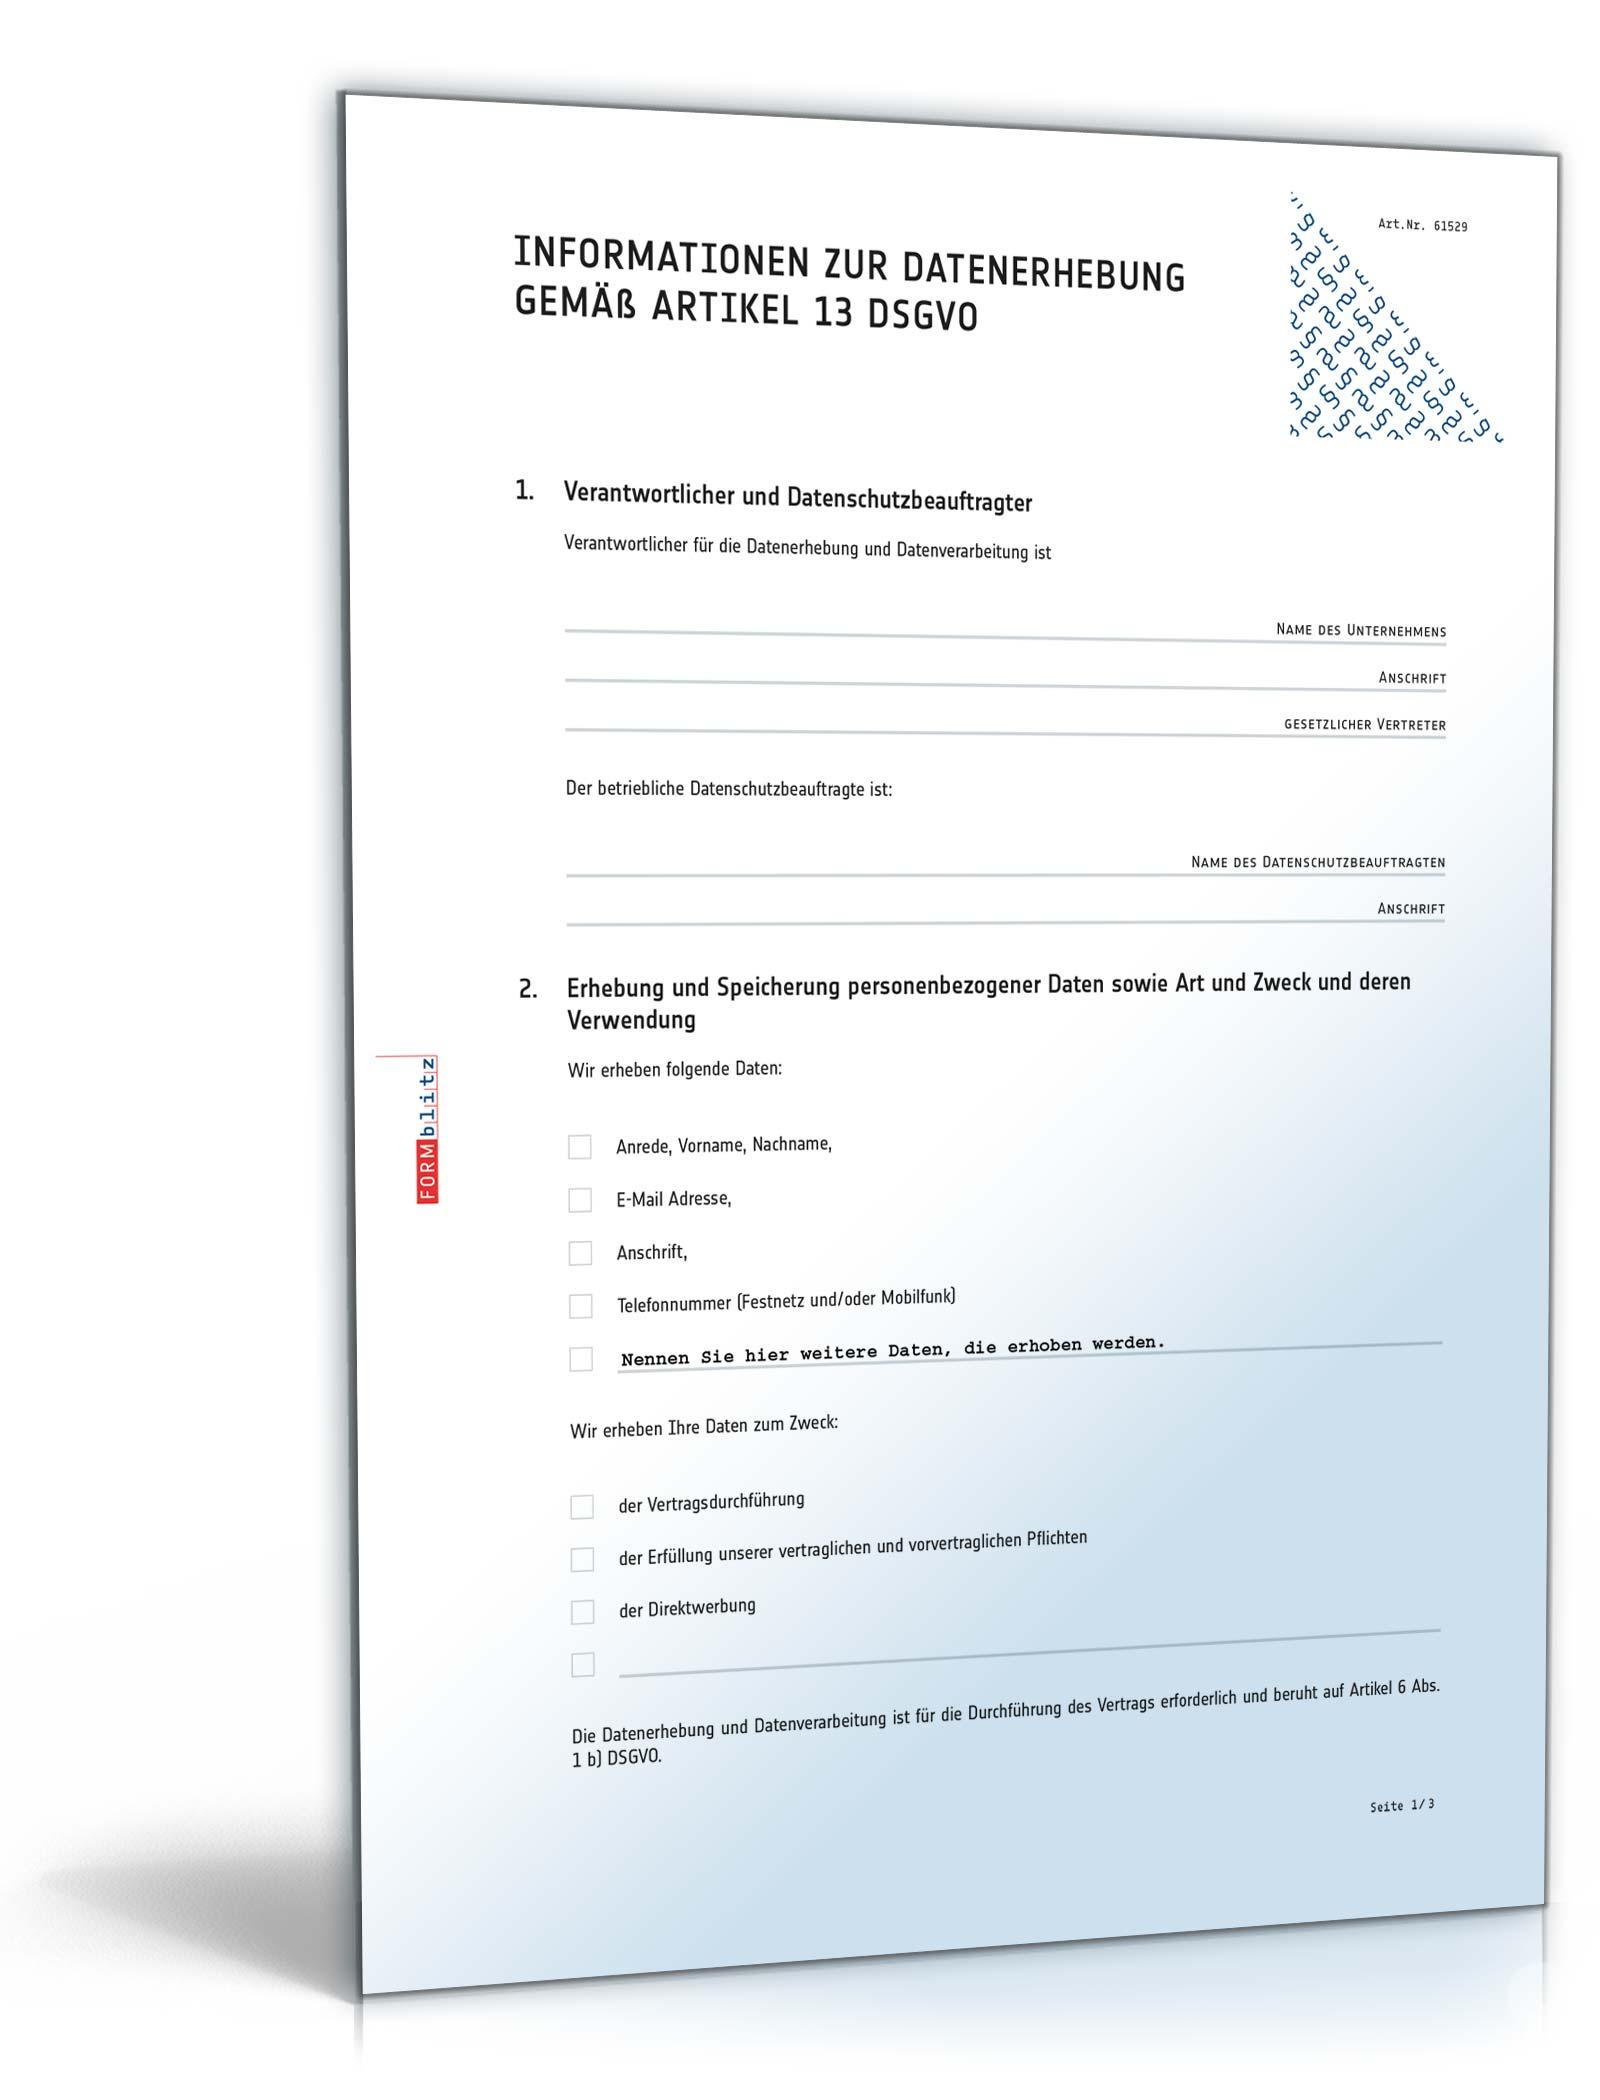 datenschutzerklrung allgemein gem dsgvo - Muster Datenschutzerklarung